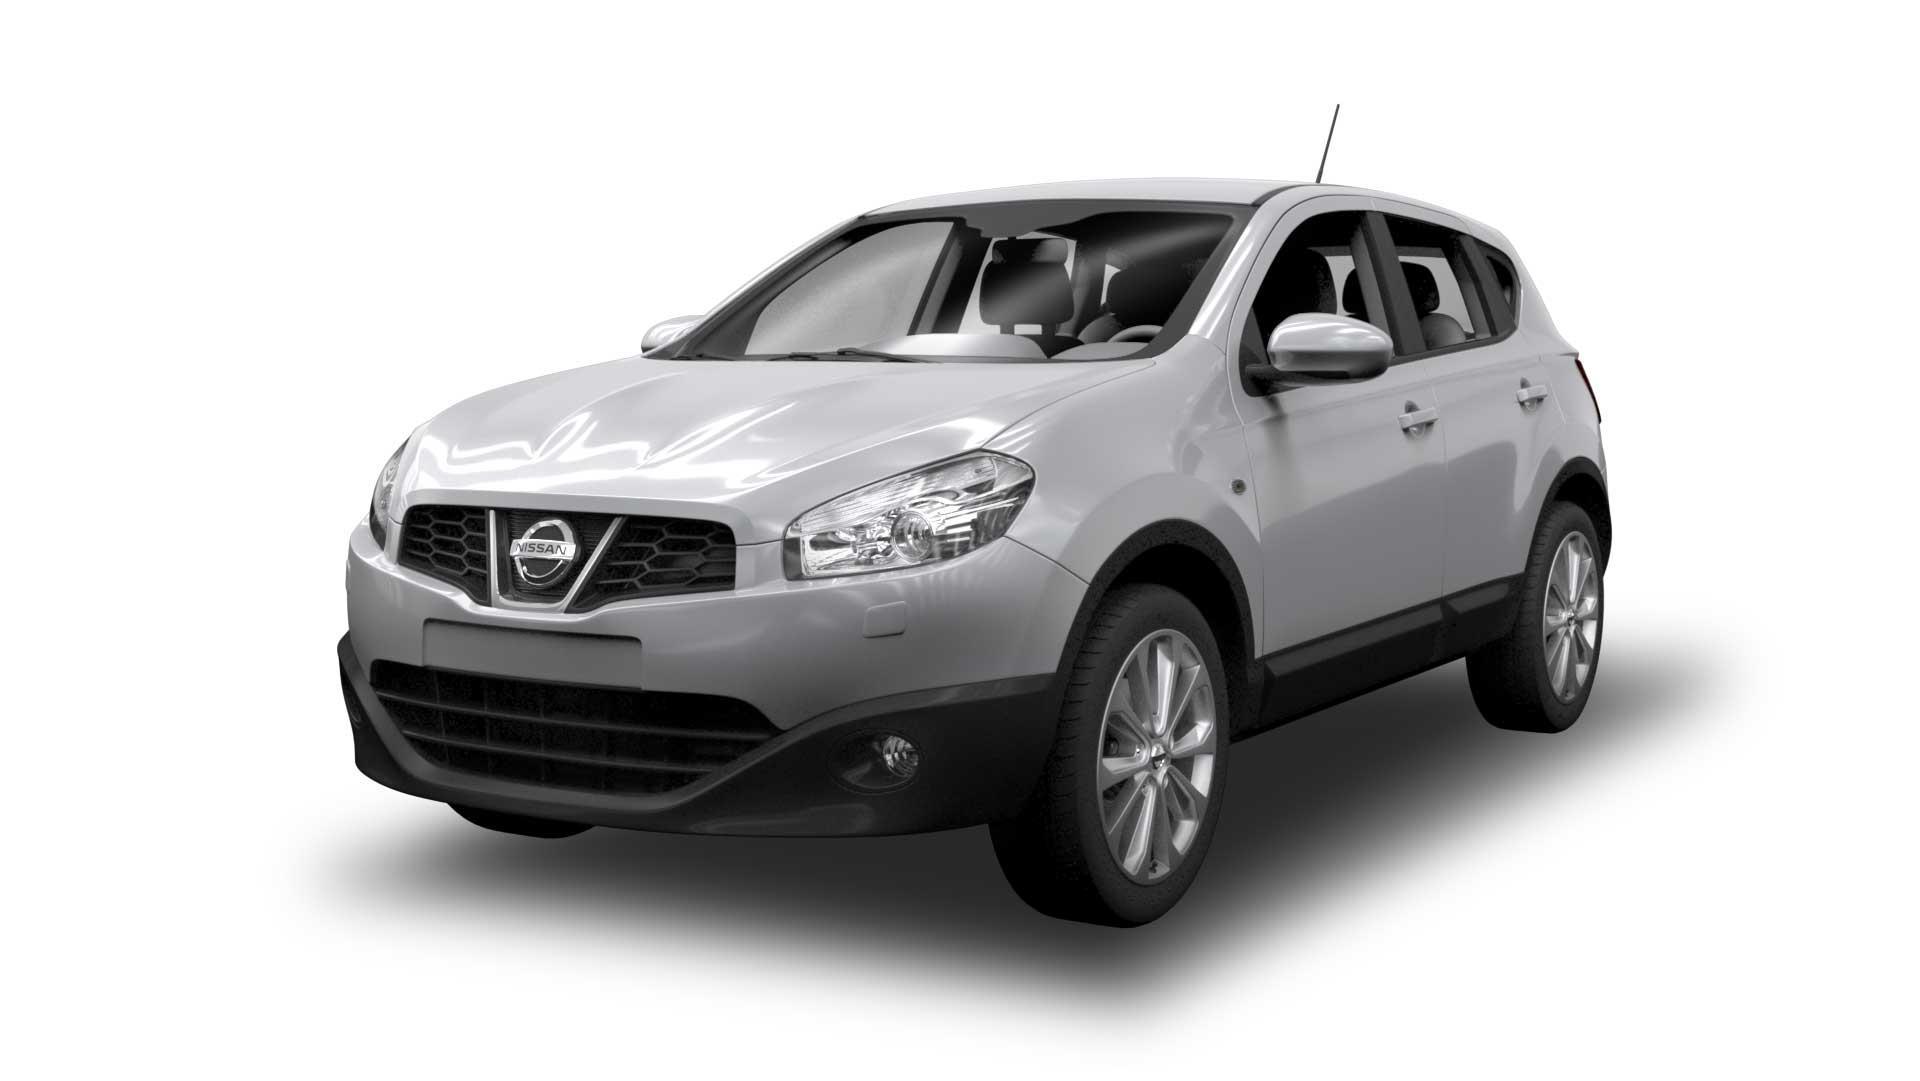 Nissan Qashqai (J10)